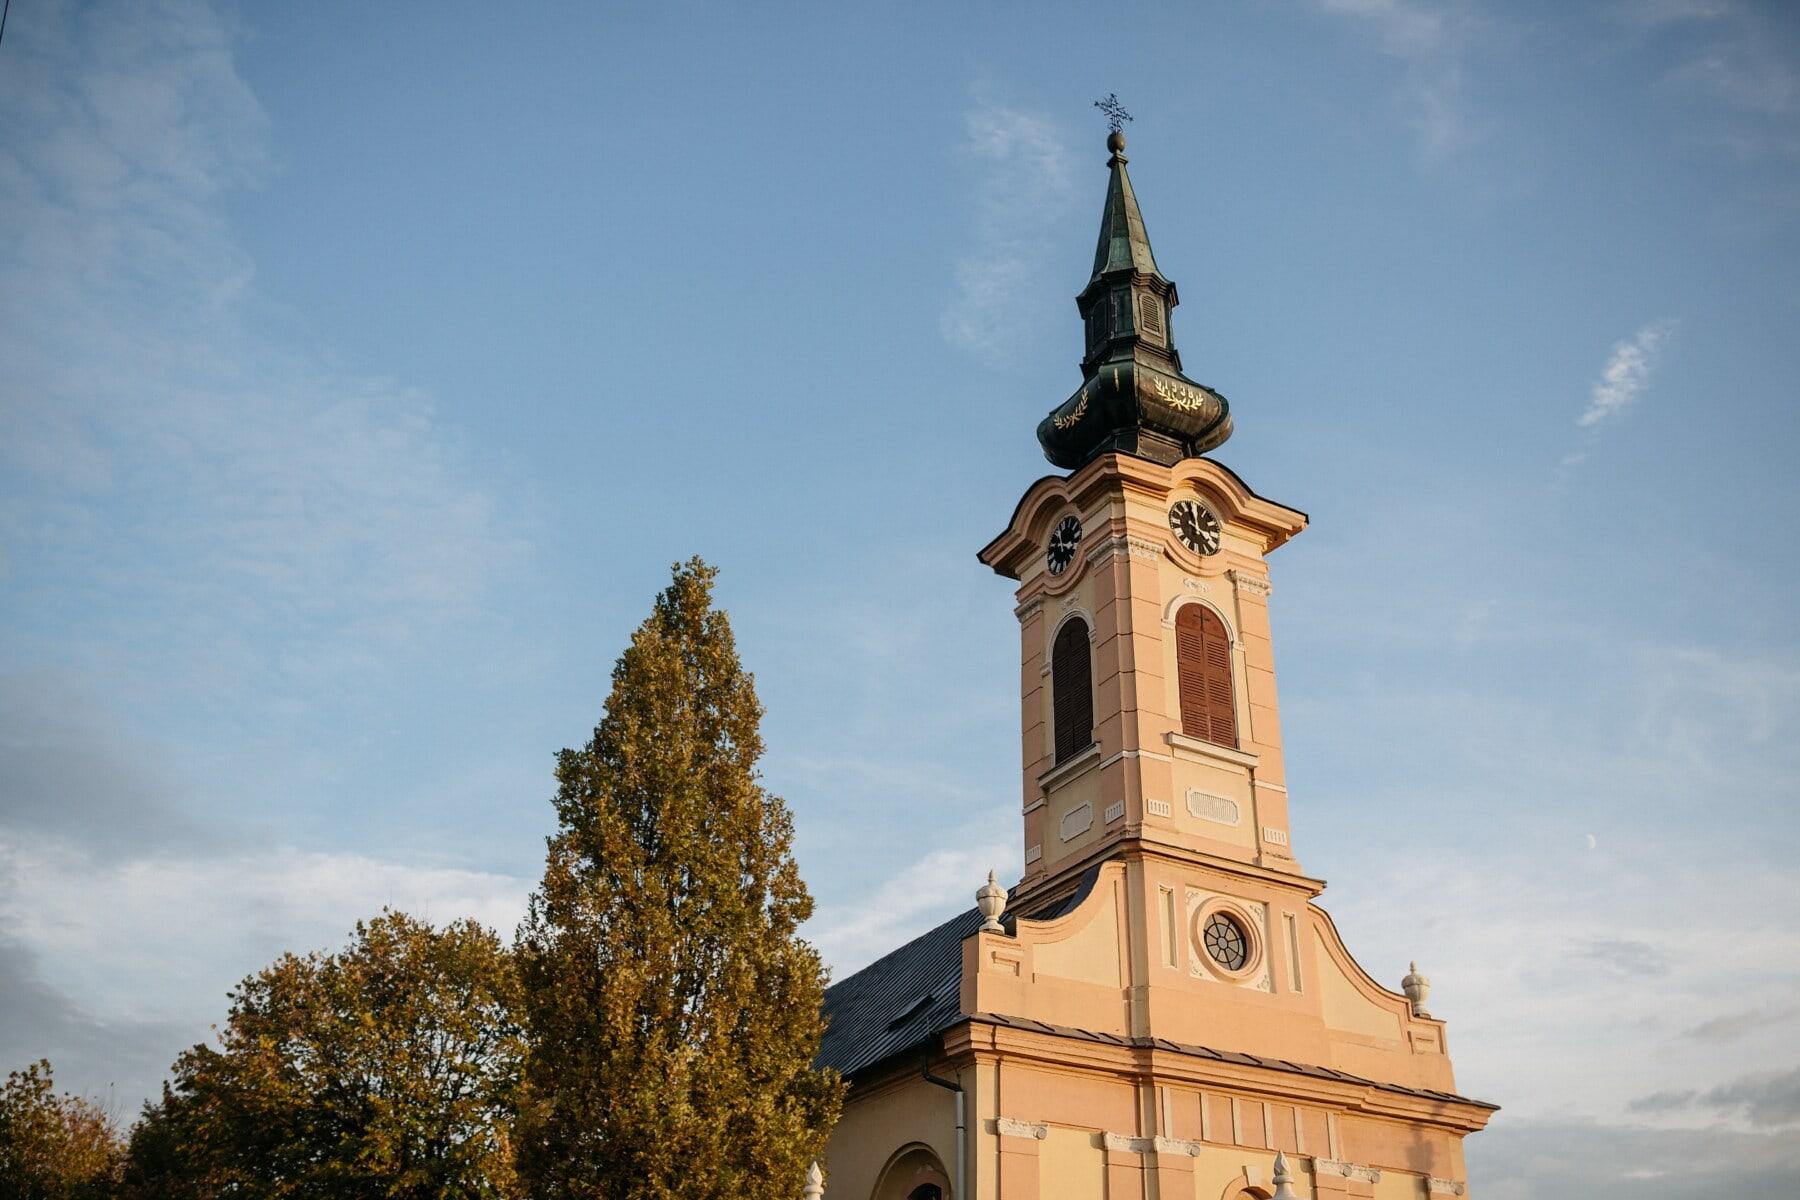 biserica, creştinism, fatada, Turnul Bisericii, Turnul, soare, religie, care acoperă, arhitectura, vechi